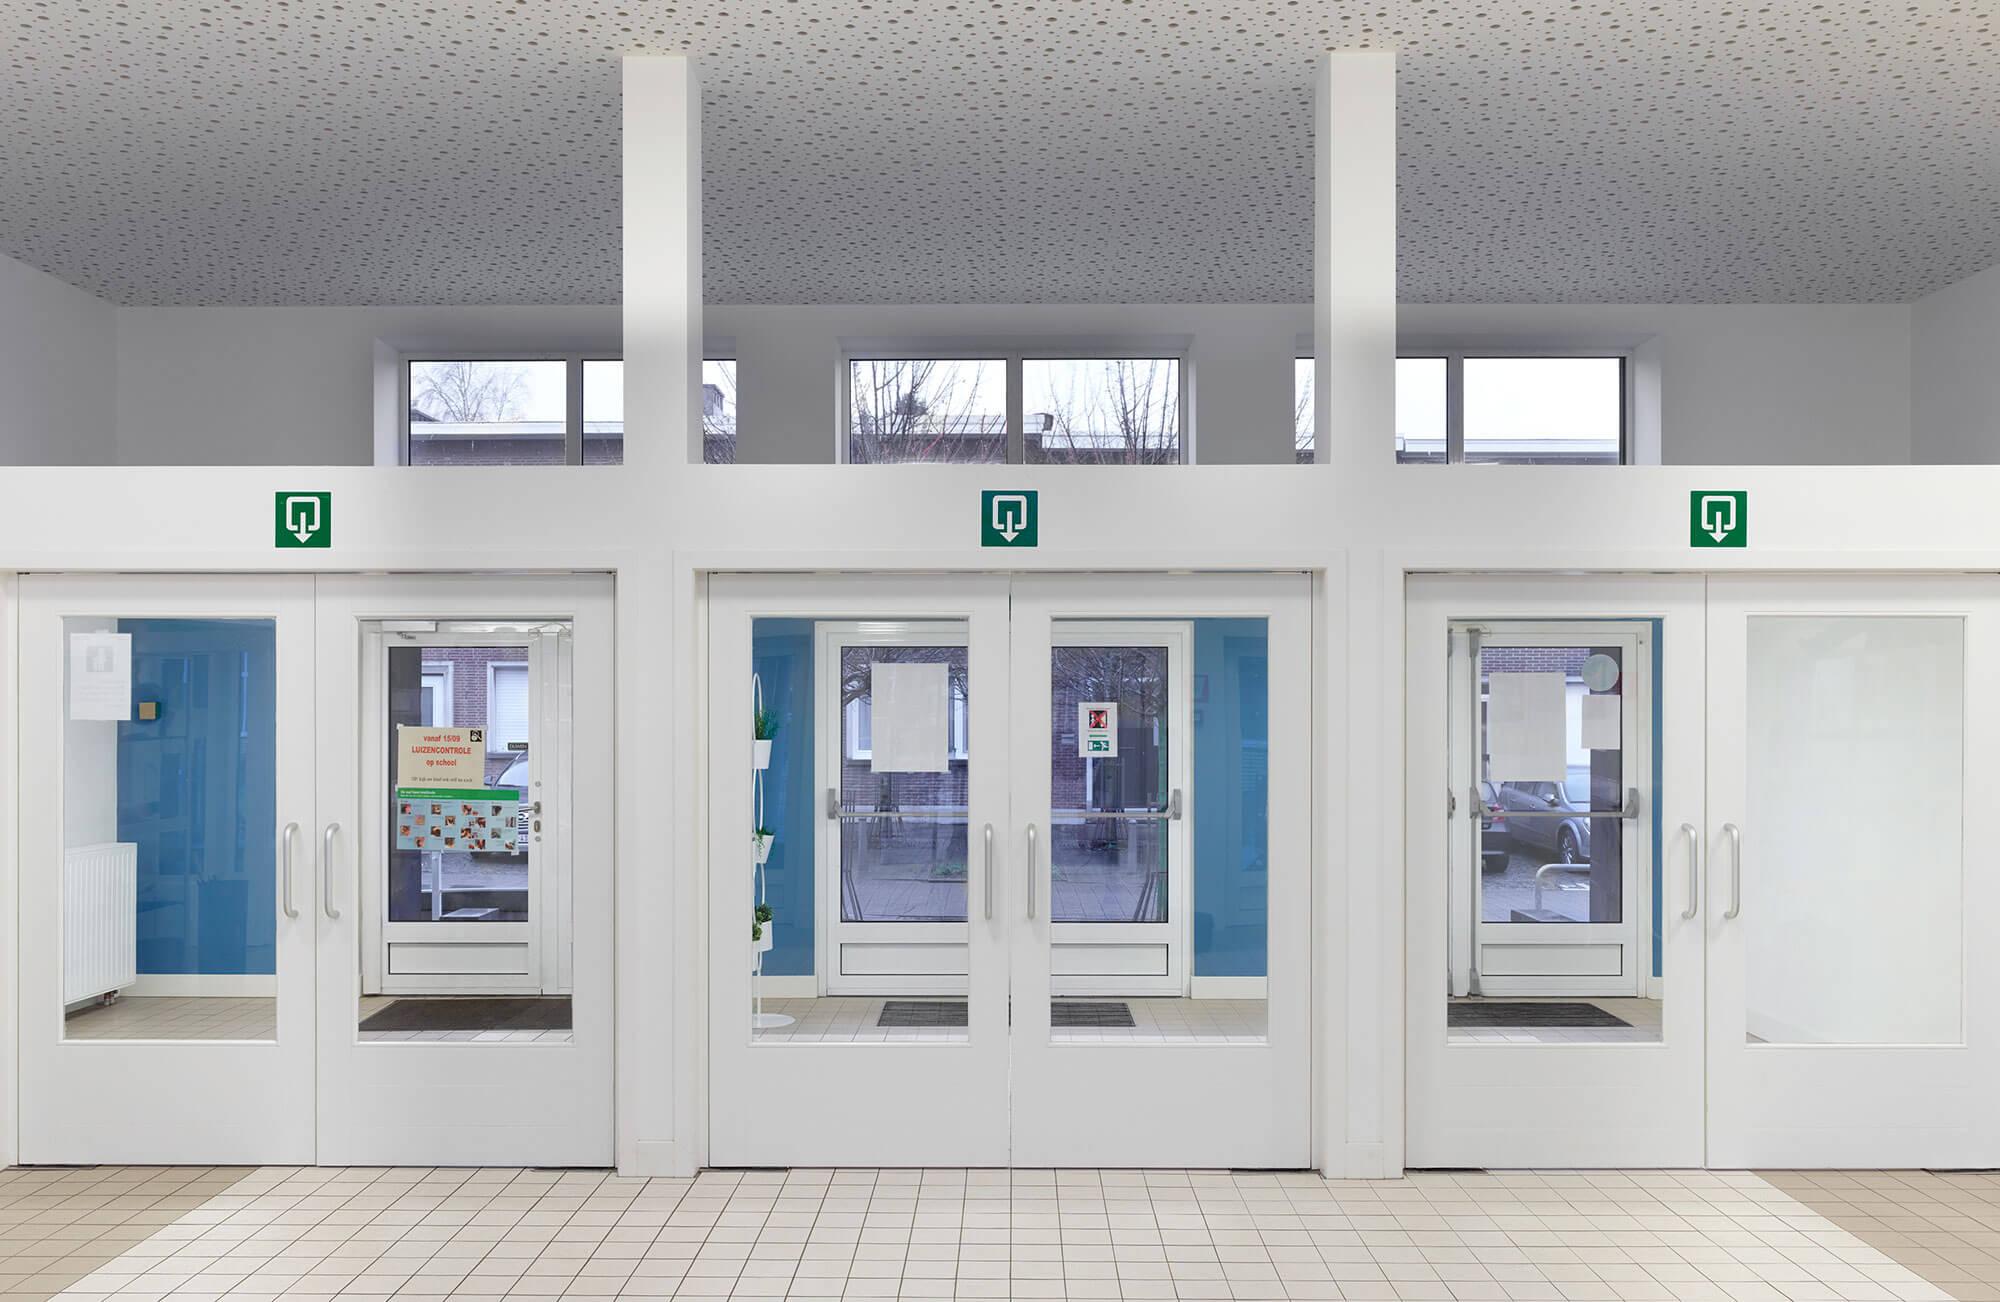 De grote inkom, voorzien van twee maal drie dubbele deuren met daartussen een sas, om een vlotte doorstroom te garanderen.